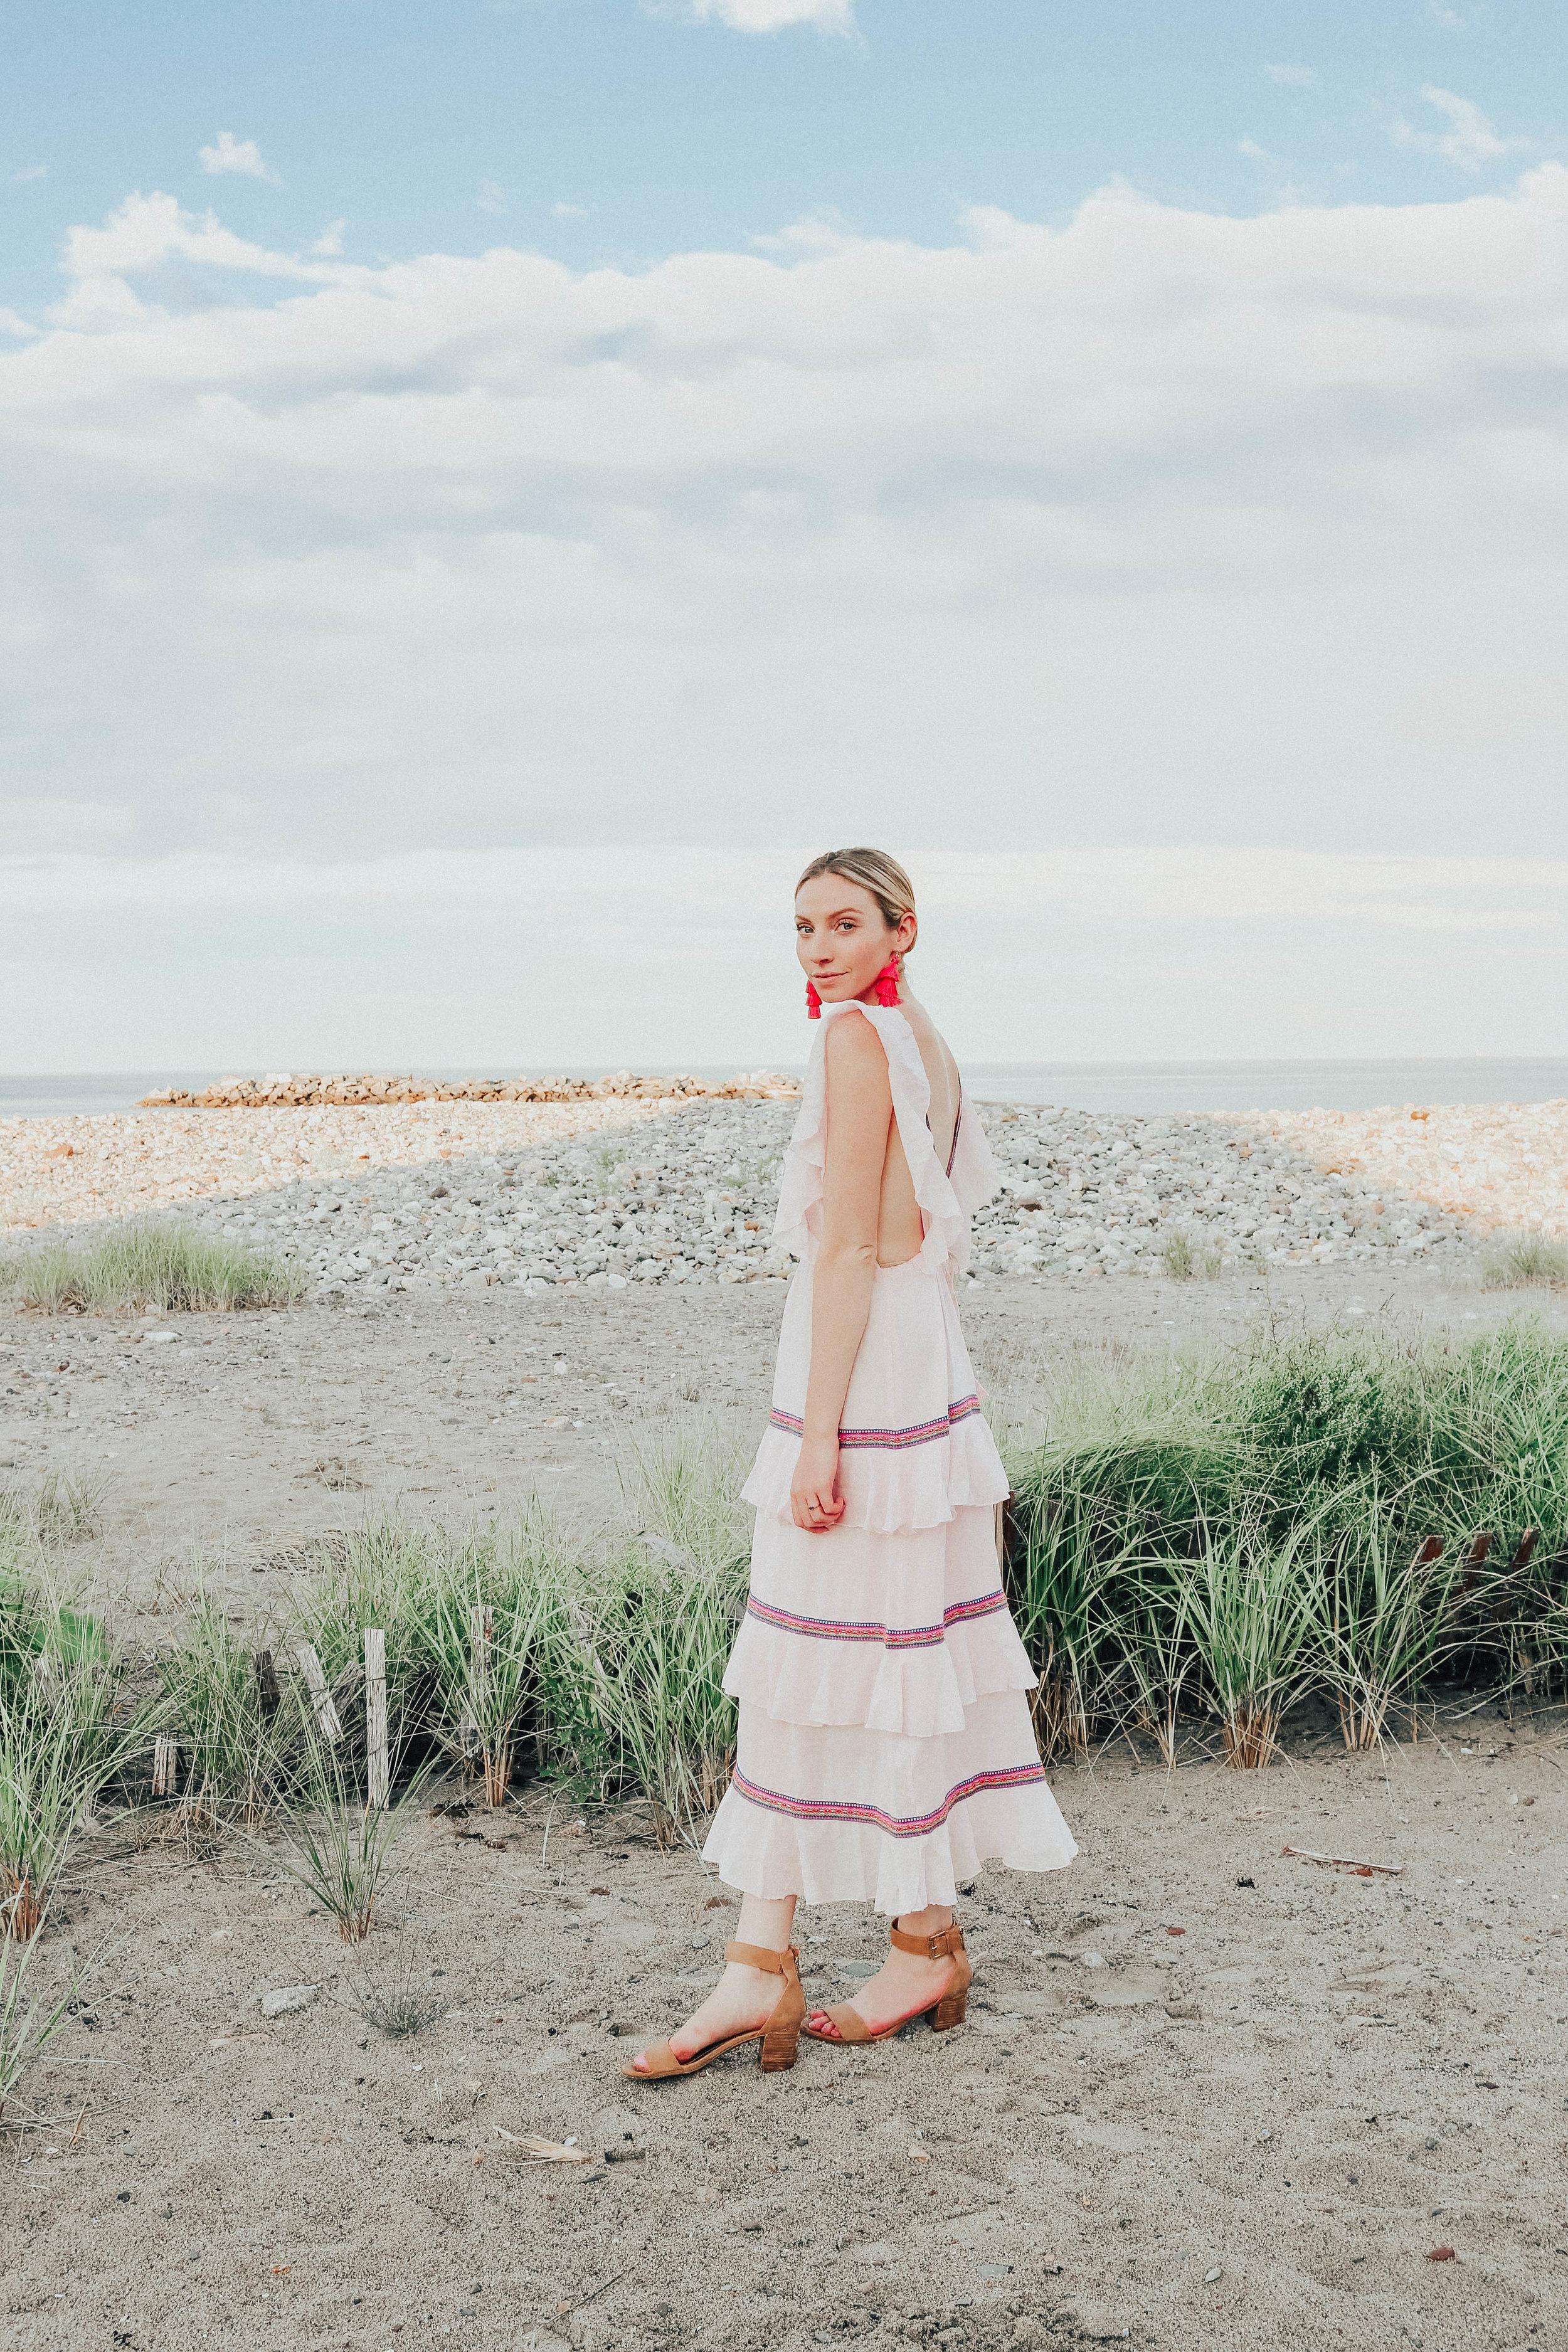 Beach Wedding Guest Dress | @maevestier